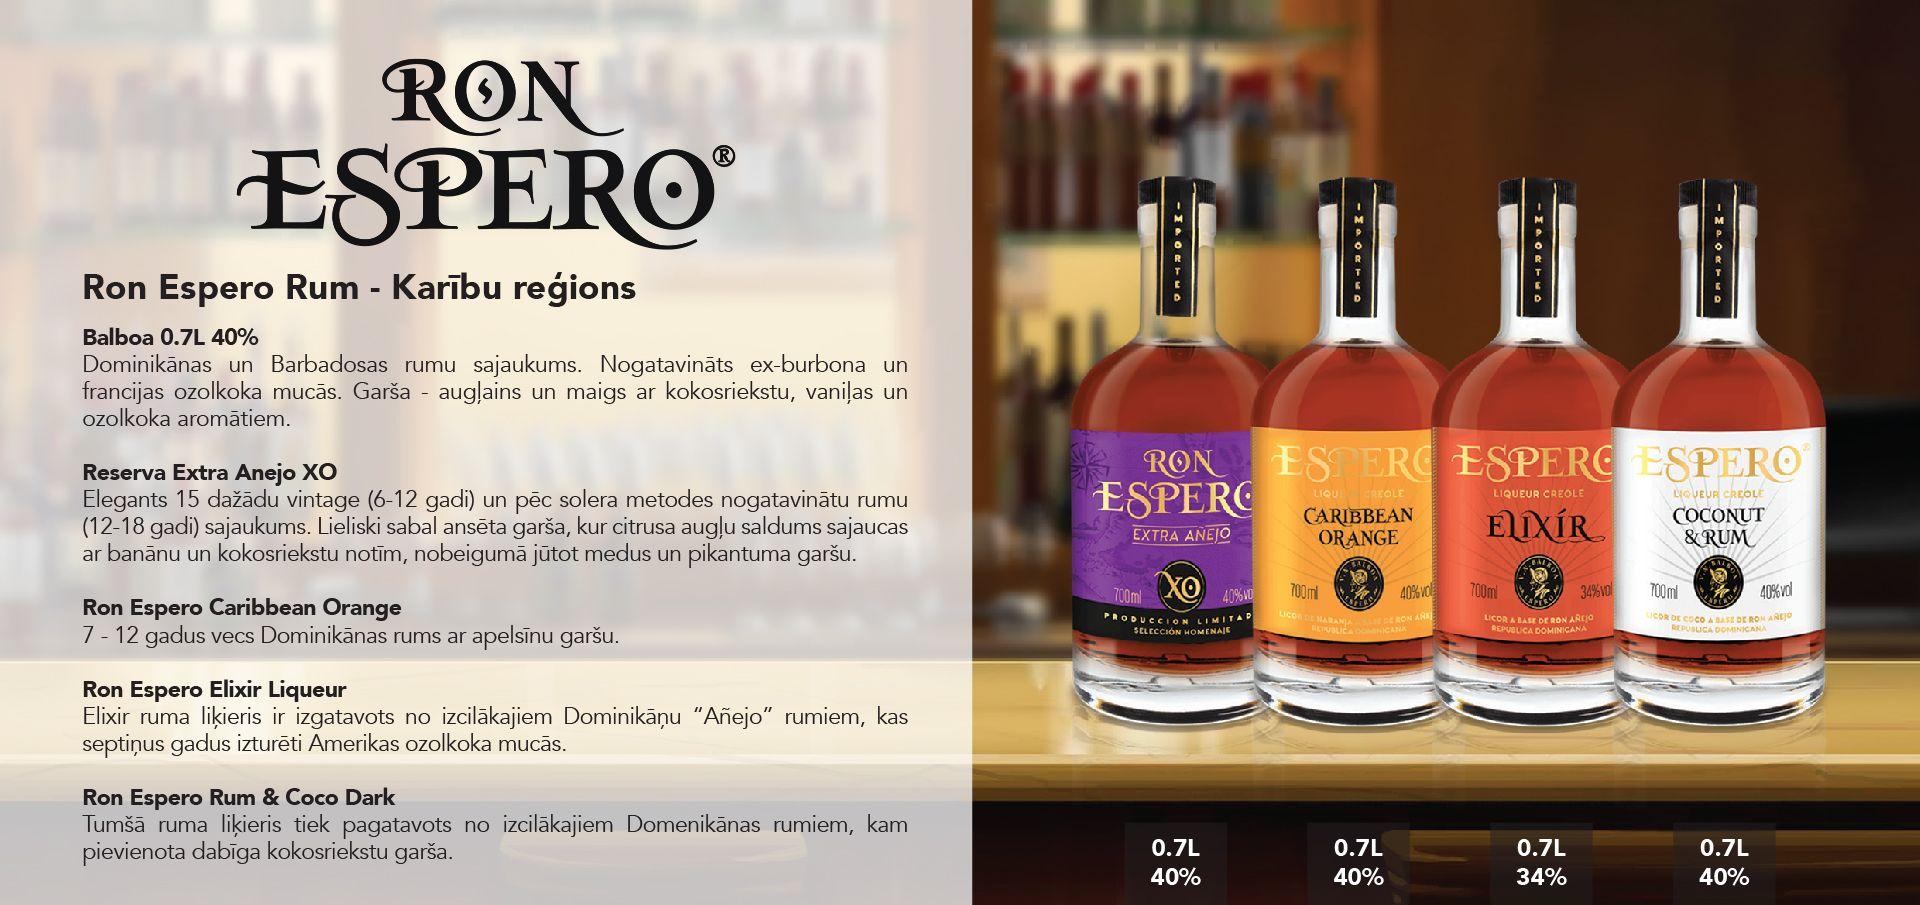 Ron Espero Rum - Karību reģions